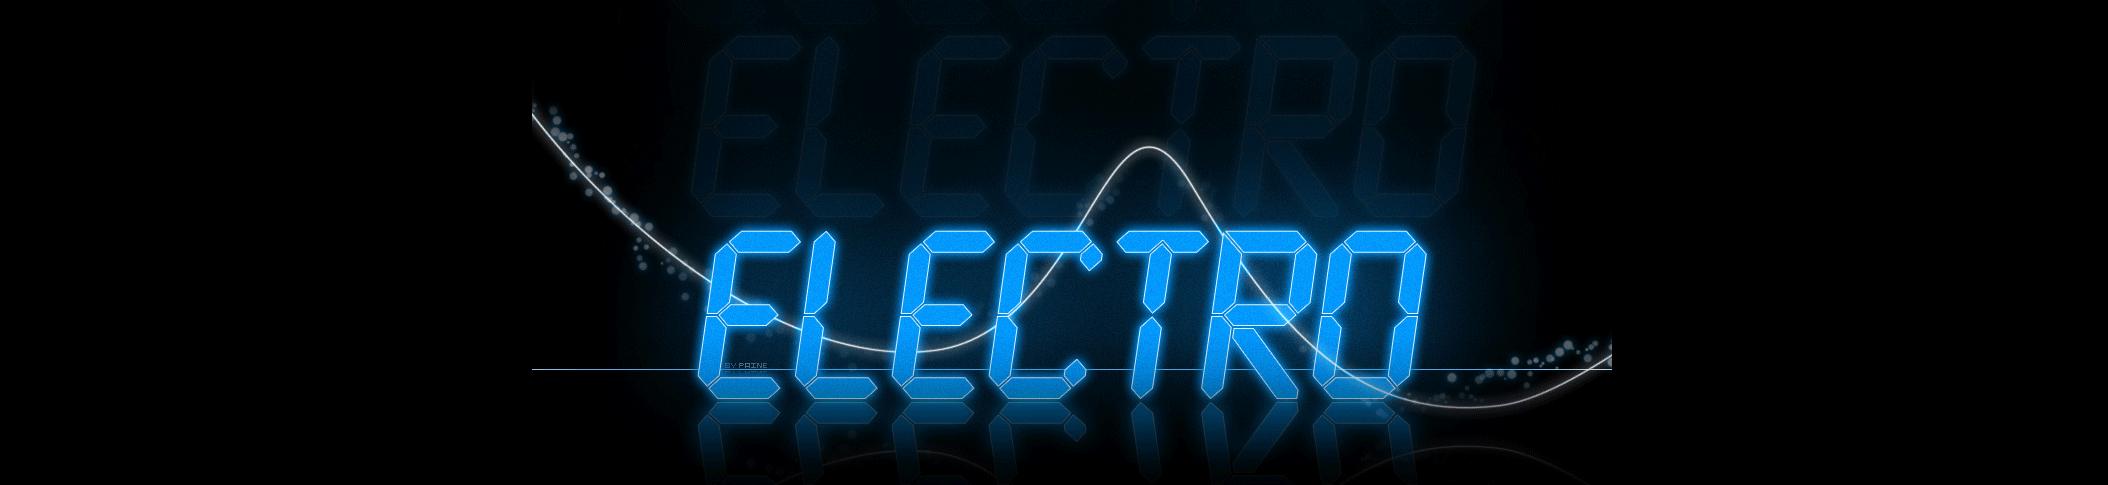 ÉLECTRO & TECHNOLOGIE